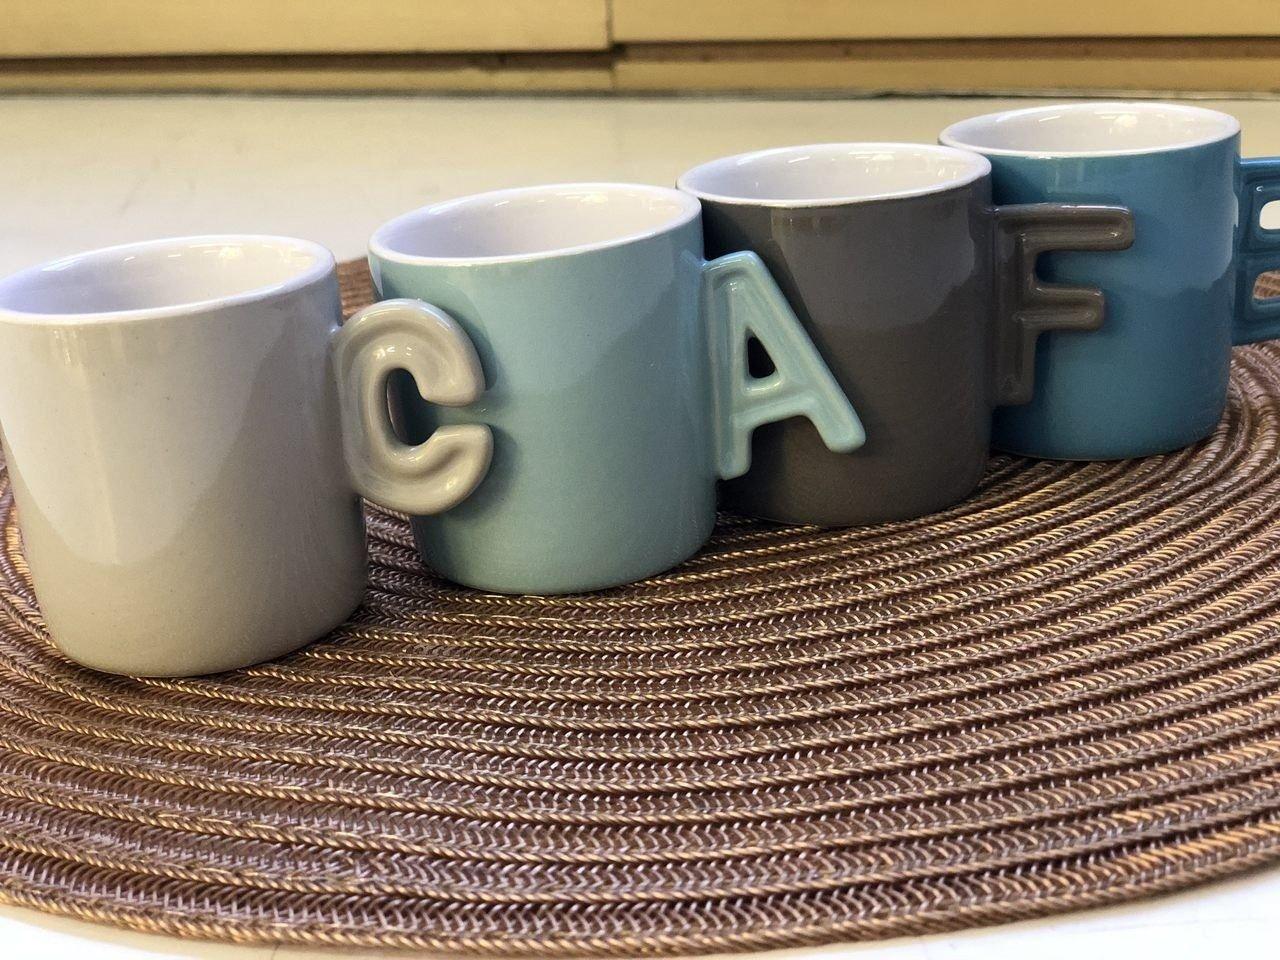 Jogo 4 xícaras 70ml para café de porcelana colorido com suporte Letters Bon Gourmet - 30366